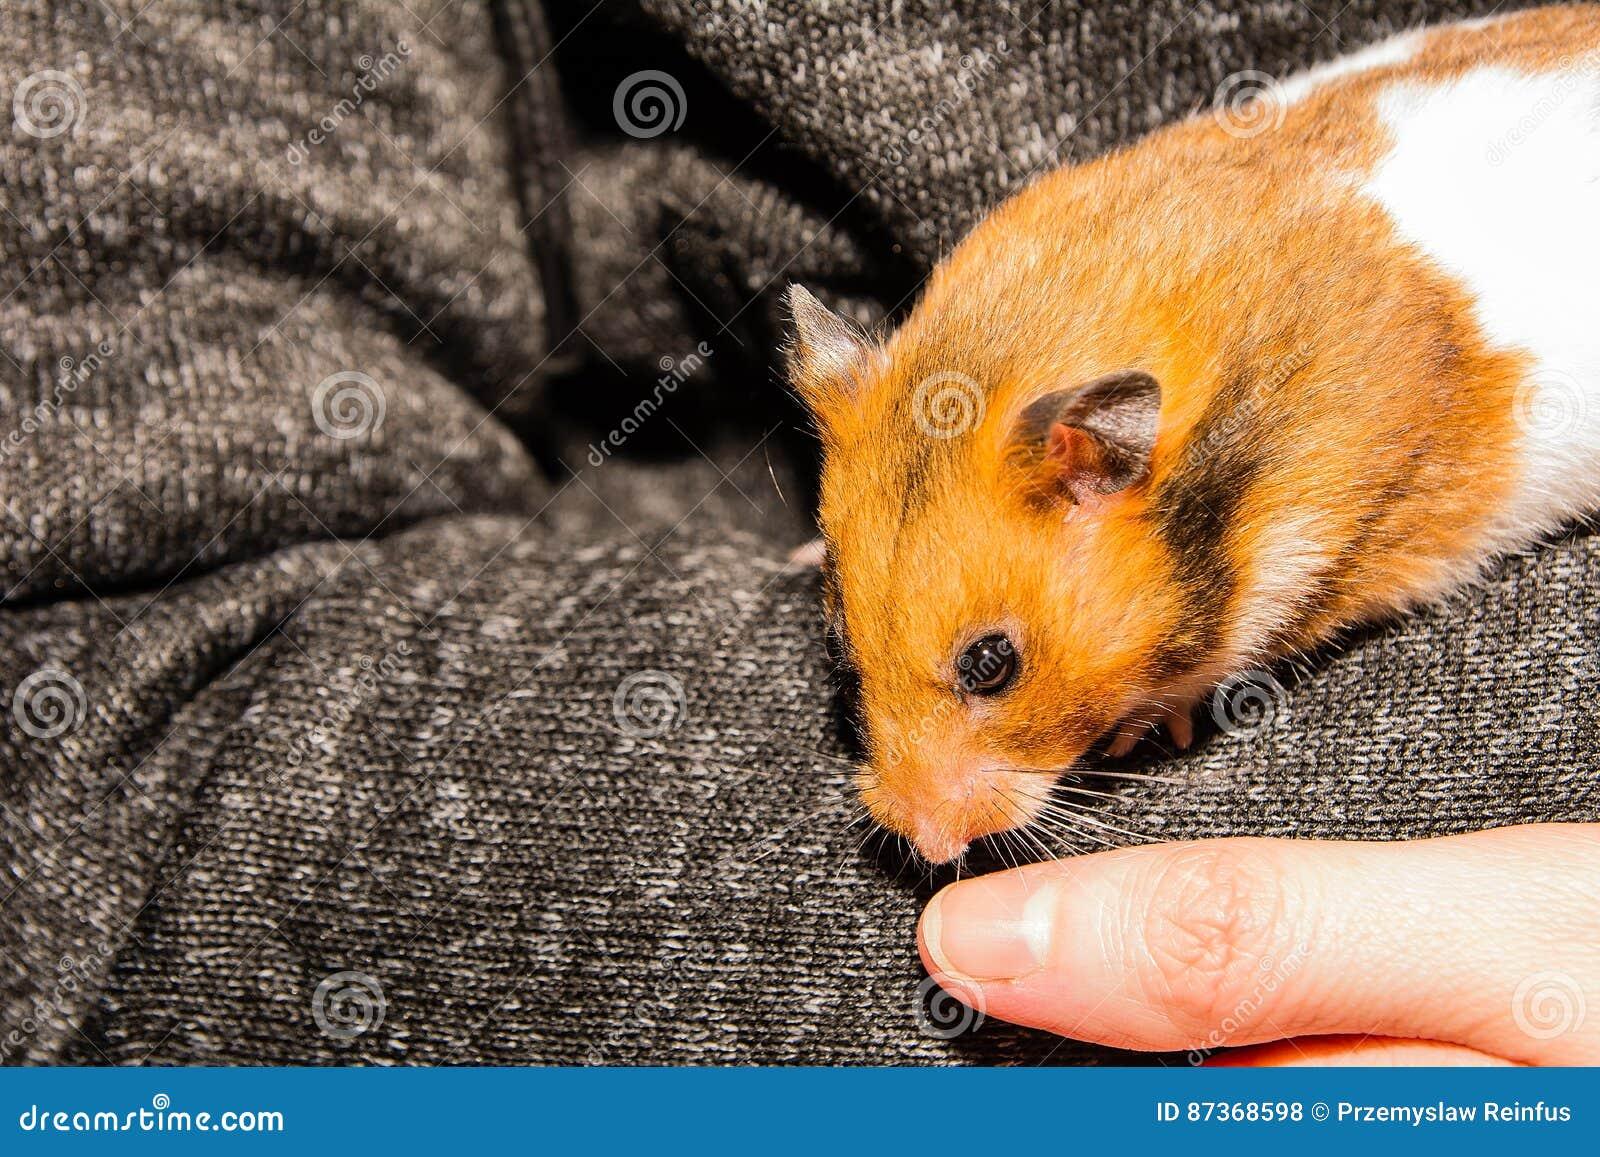 hamster libre po gratuit porno maigre les adolescents